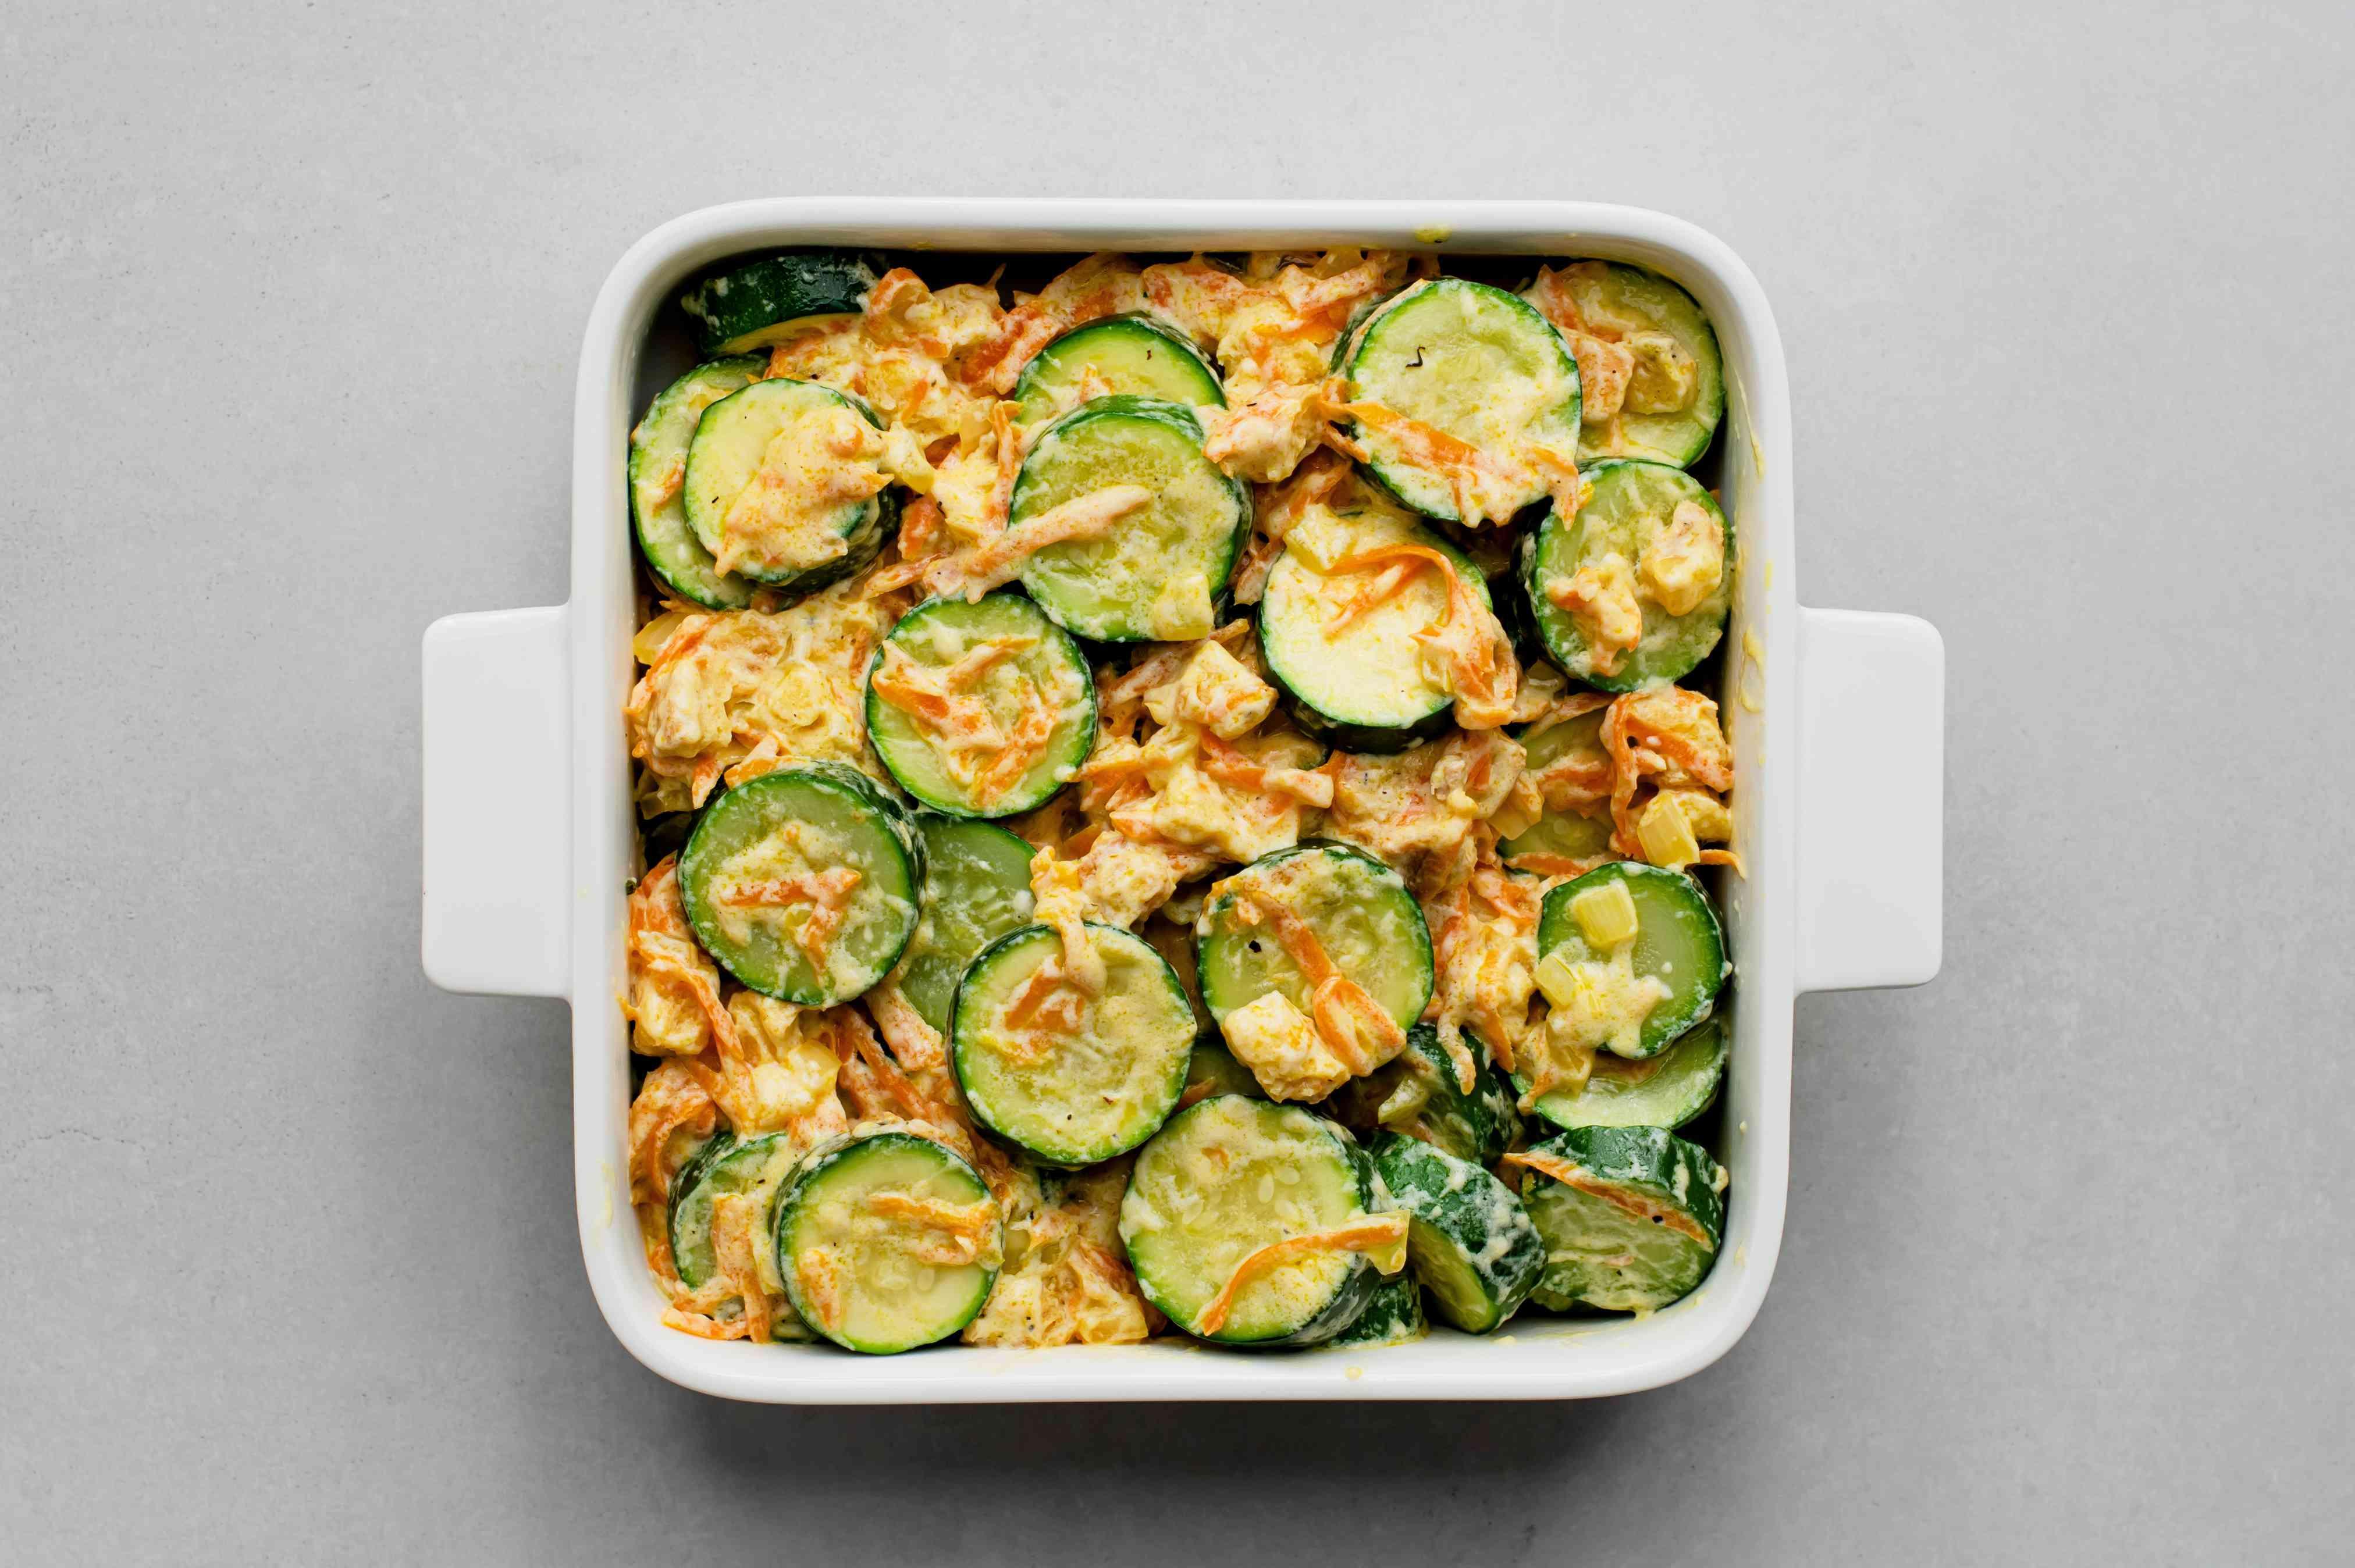 zucchini stuffing mixture in a casserole dish